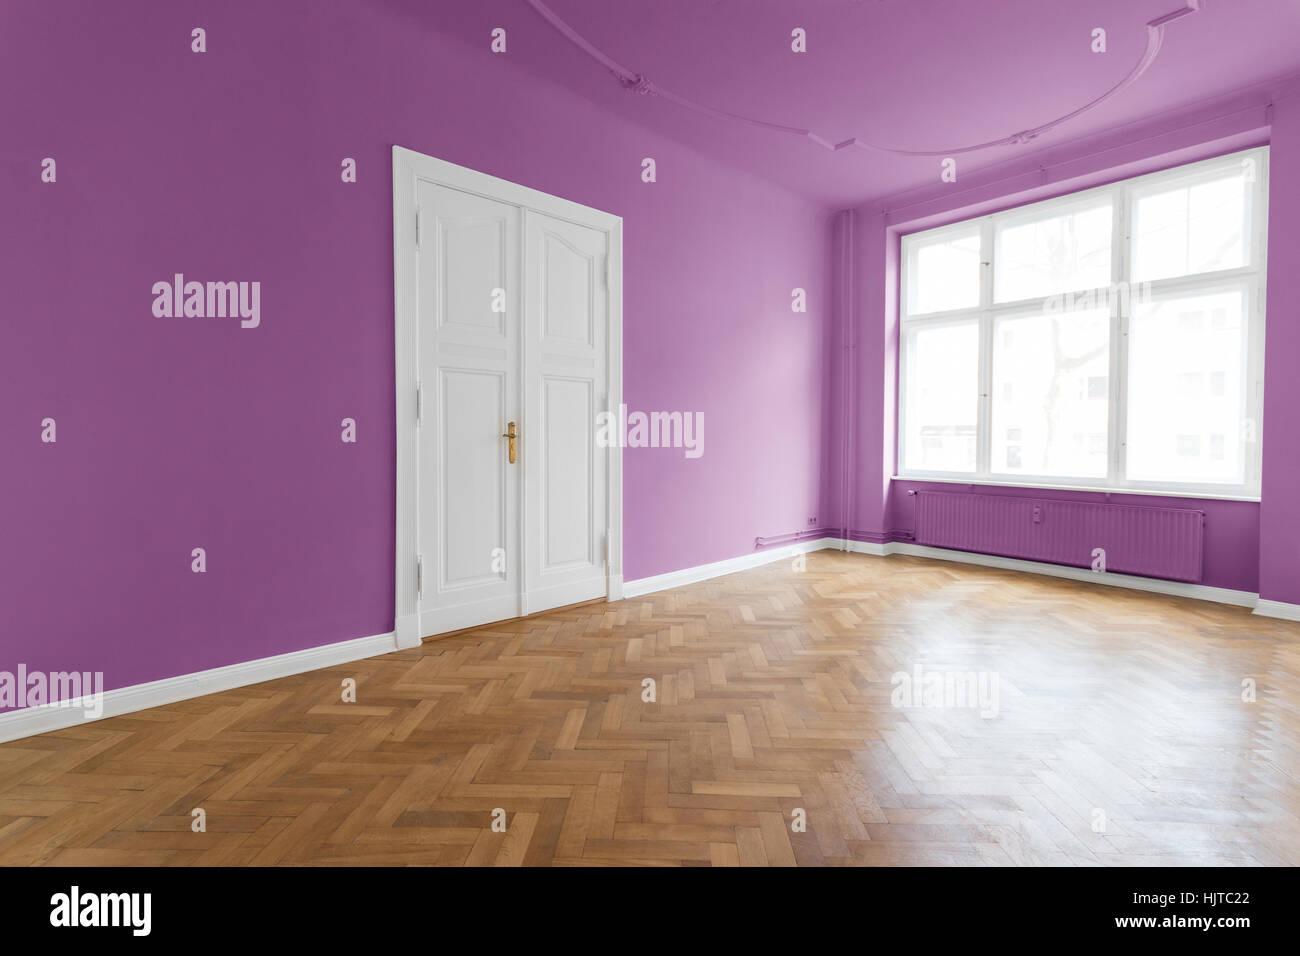 Las paredes de color violeta rosa habitaci n con parquet apartamento habitaci n vac a en - Color paredes habitacion ...